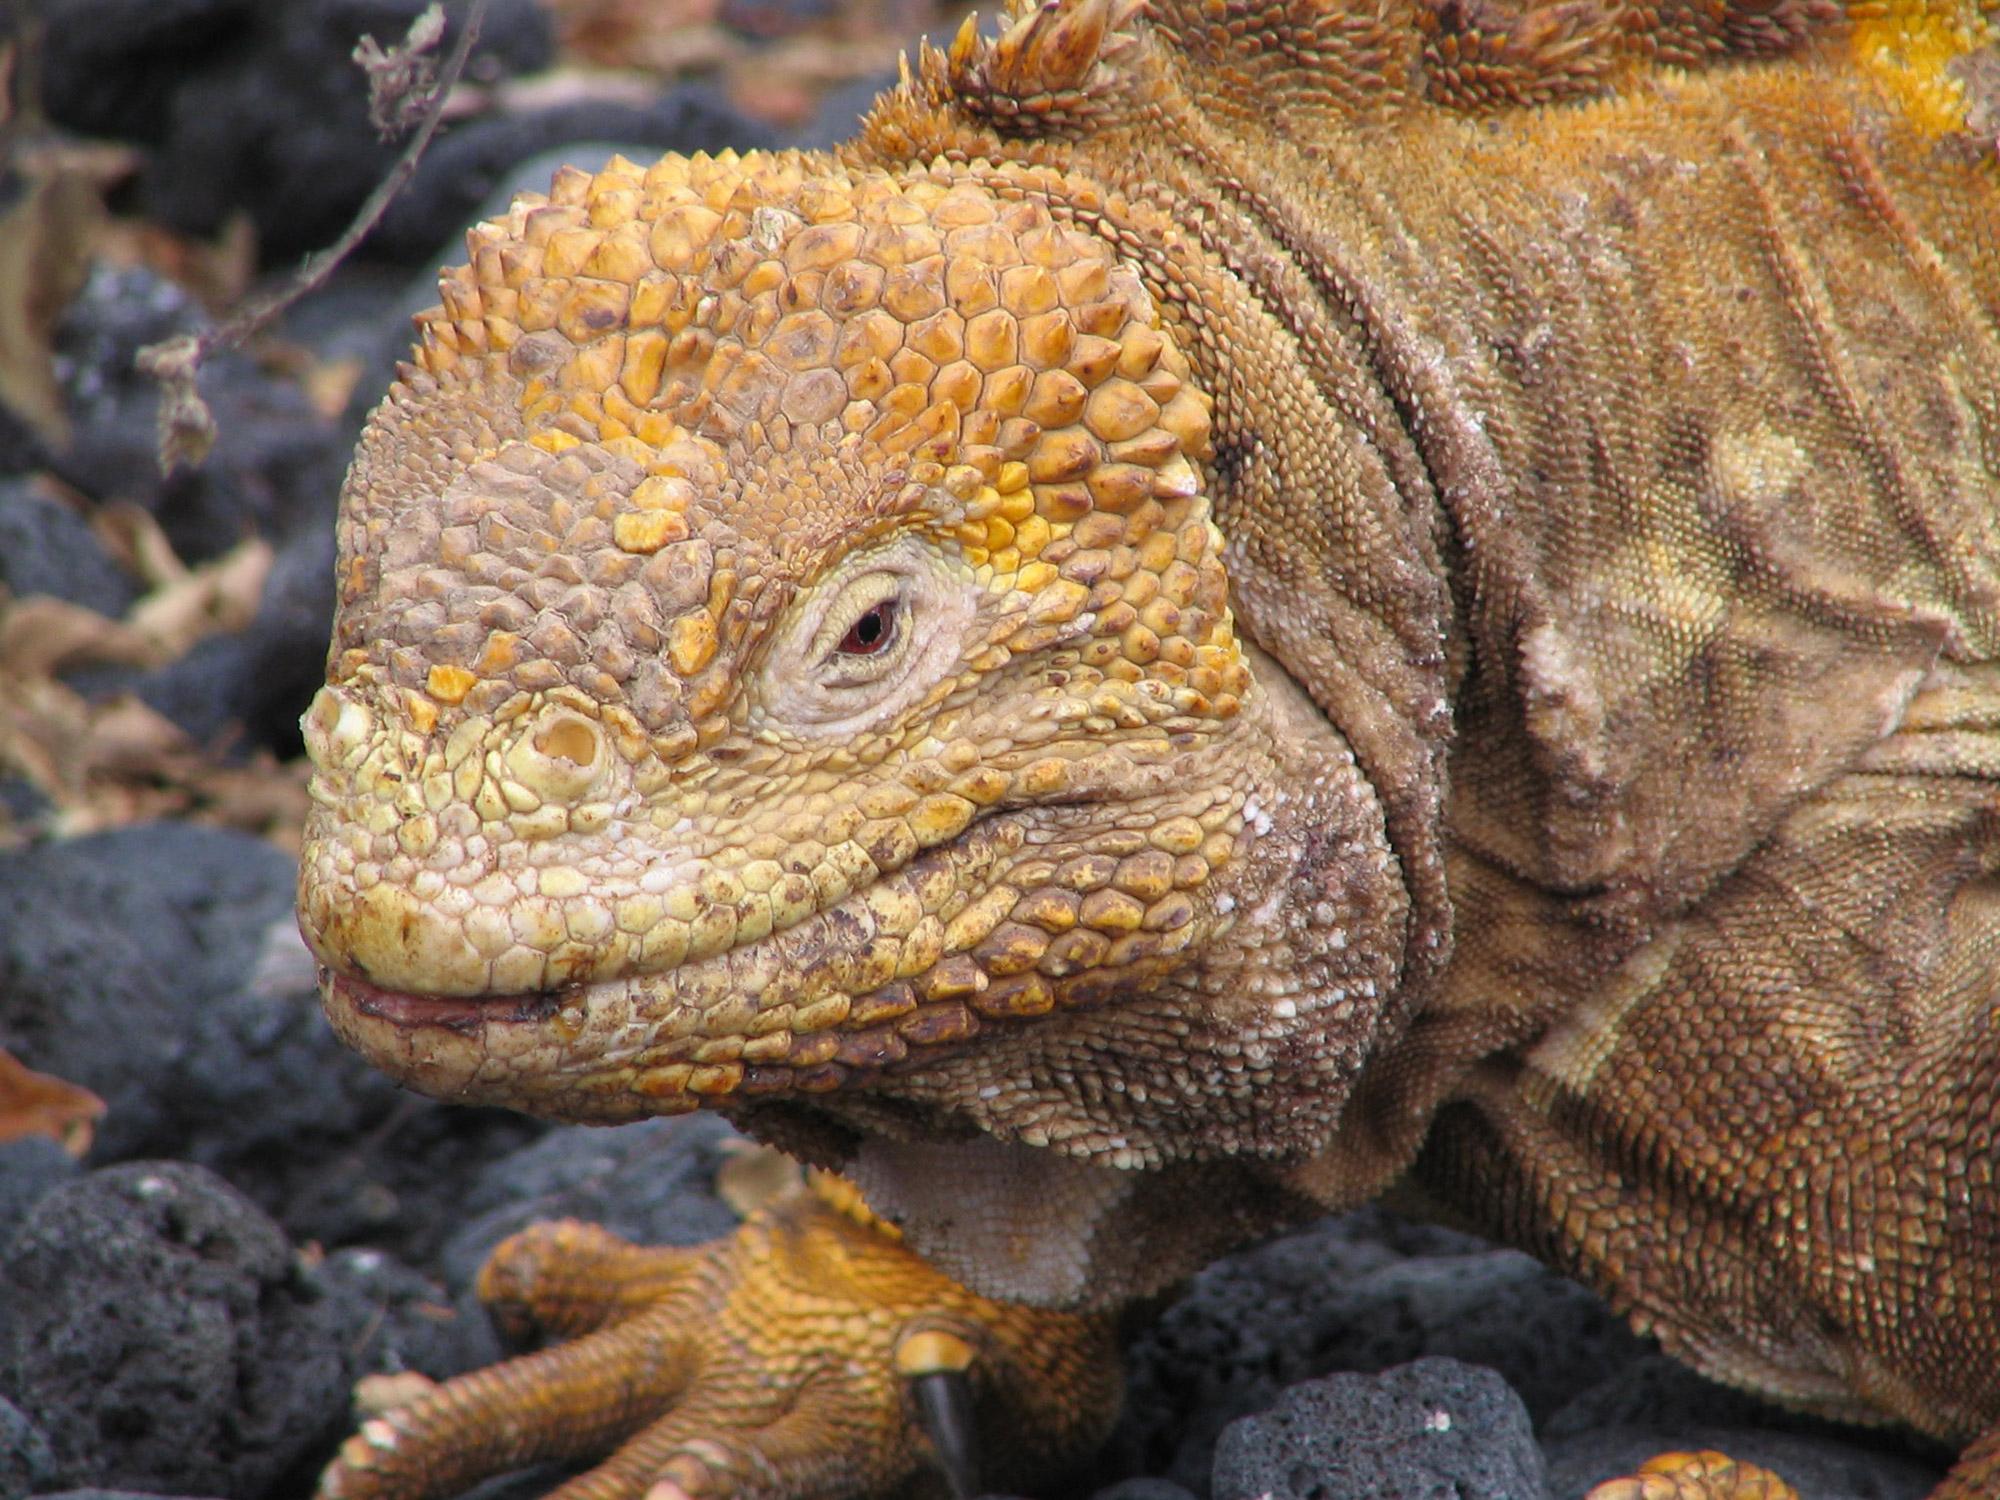 De volgers van Reizen & Reistips: Eric en Claudia - Zeeleguaan op Galapagos Eilanden